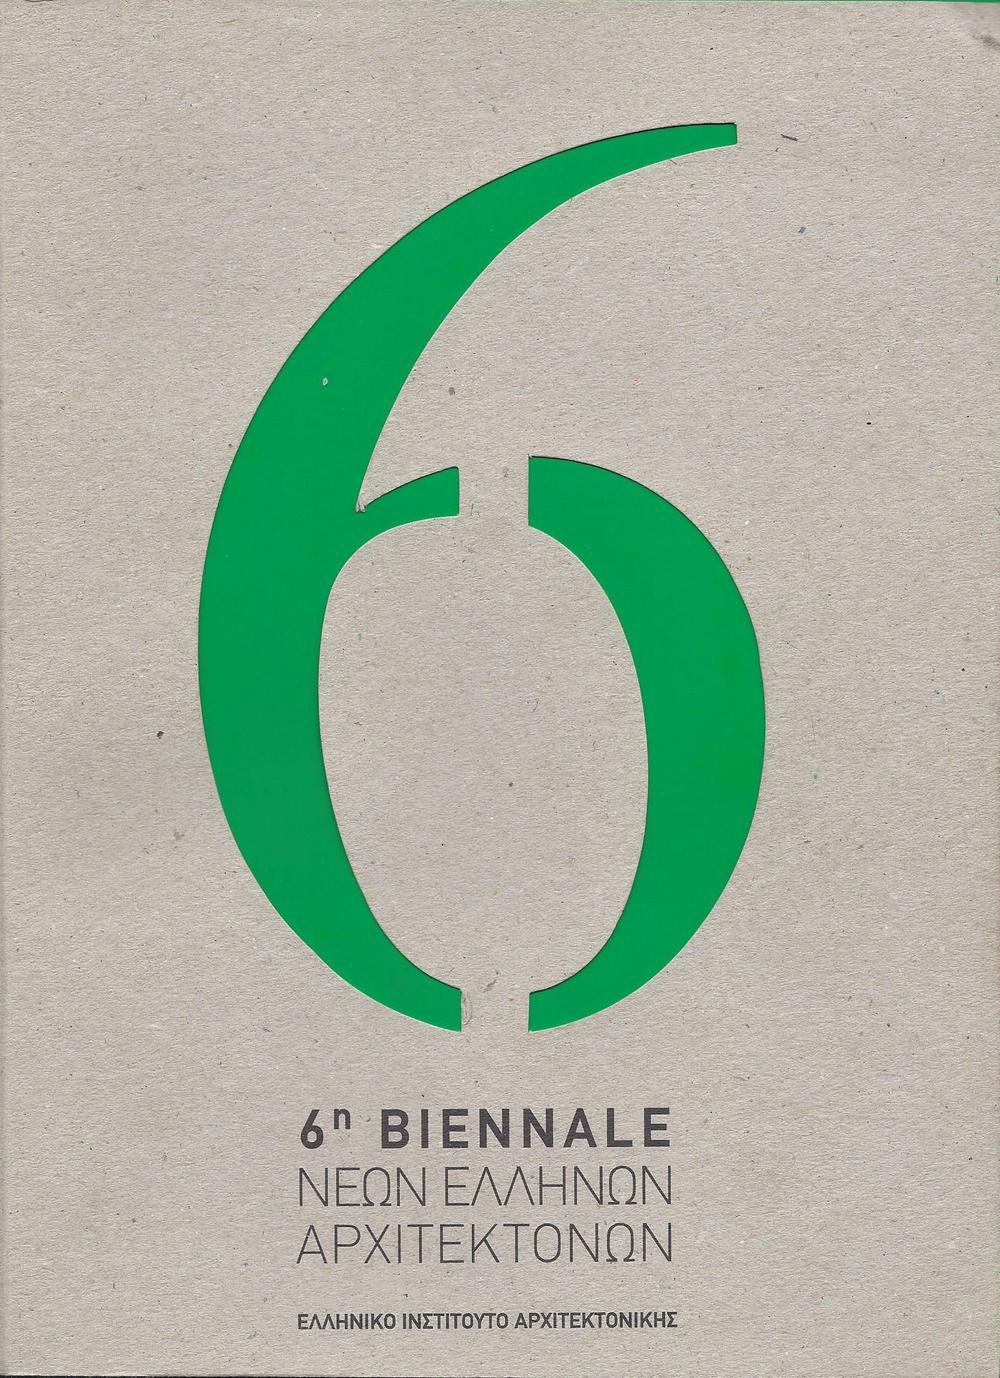 6_biennale.jpg